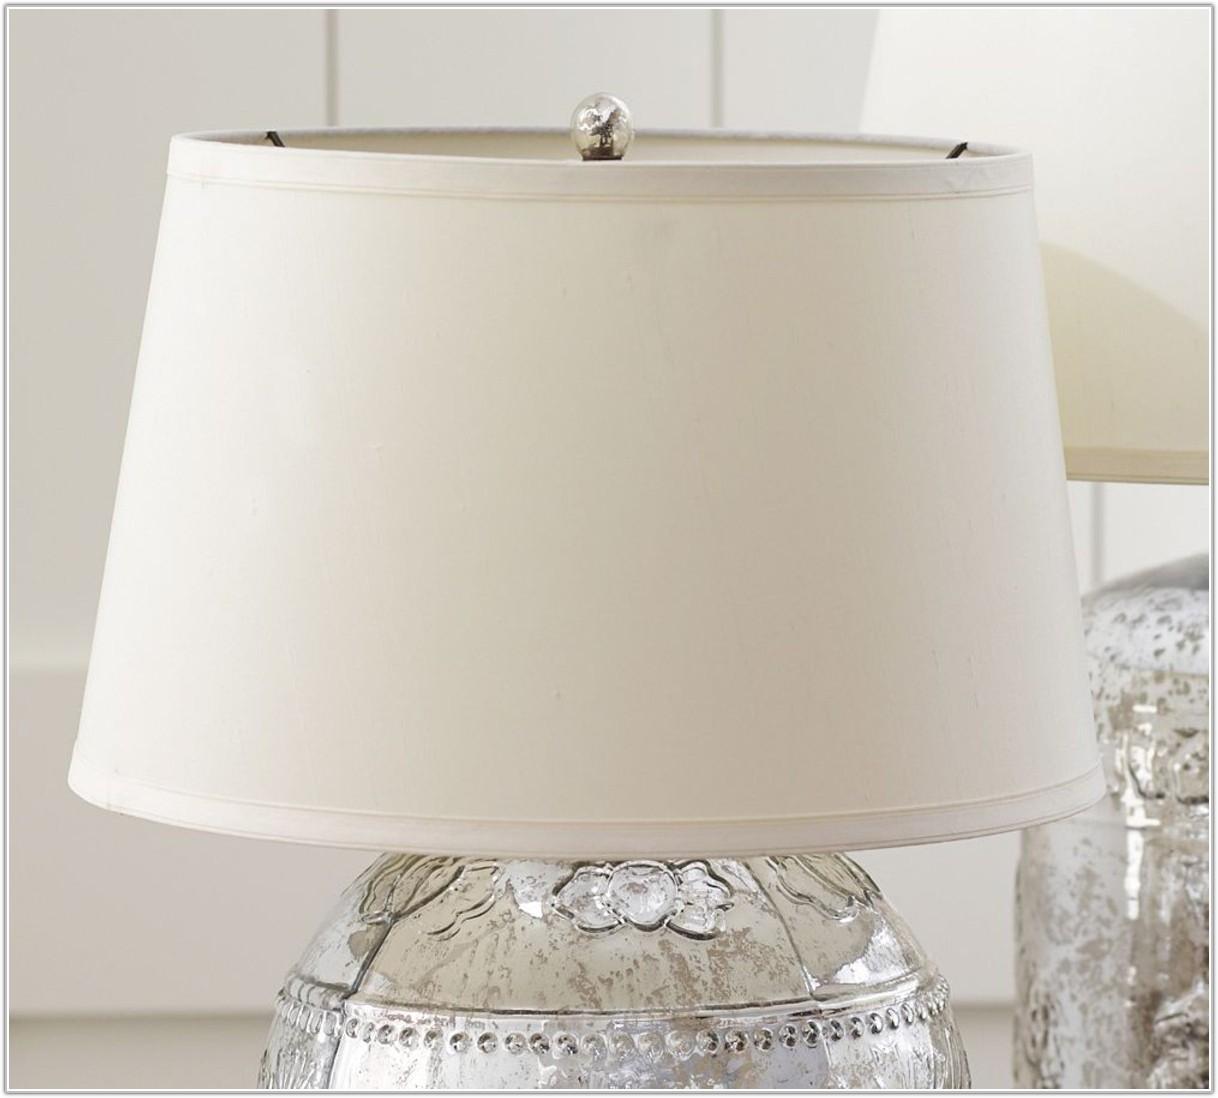 Silk Tapered Drum Lamp Shade